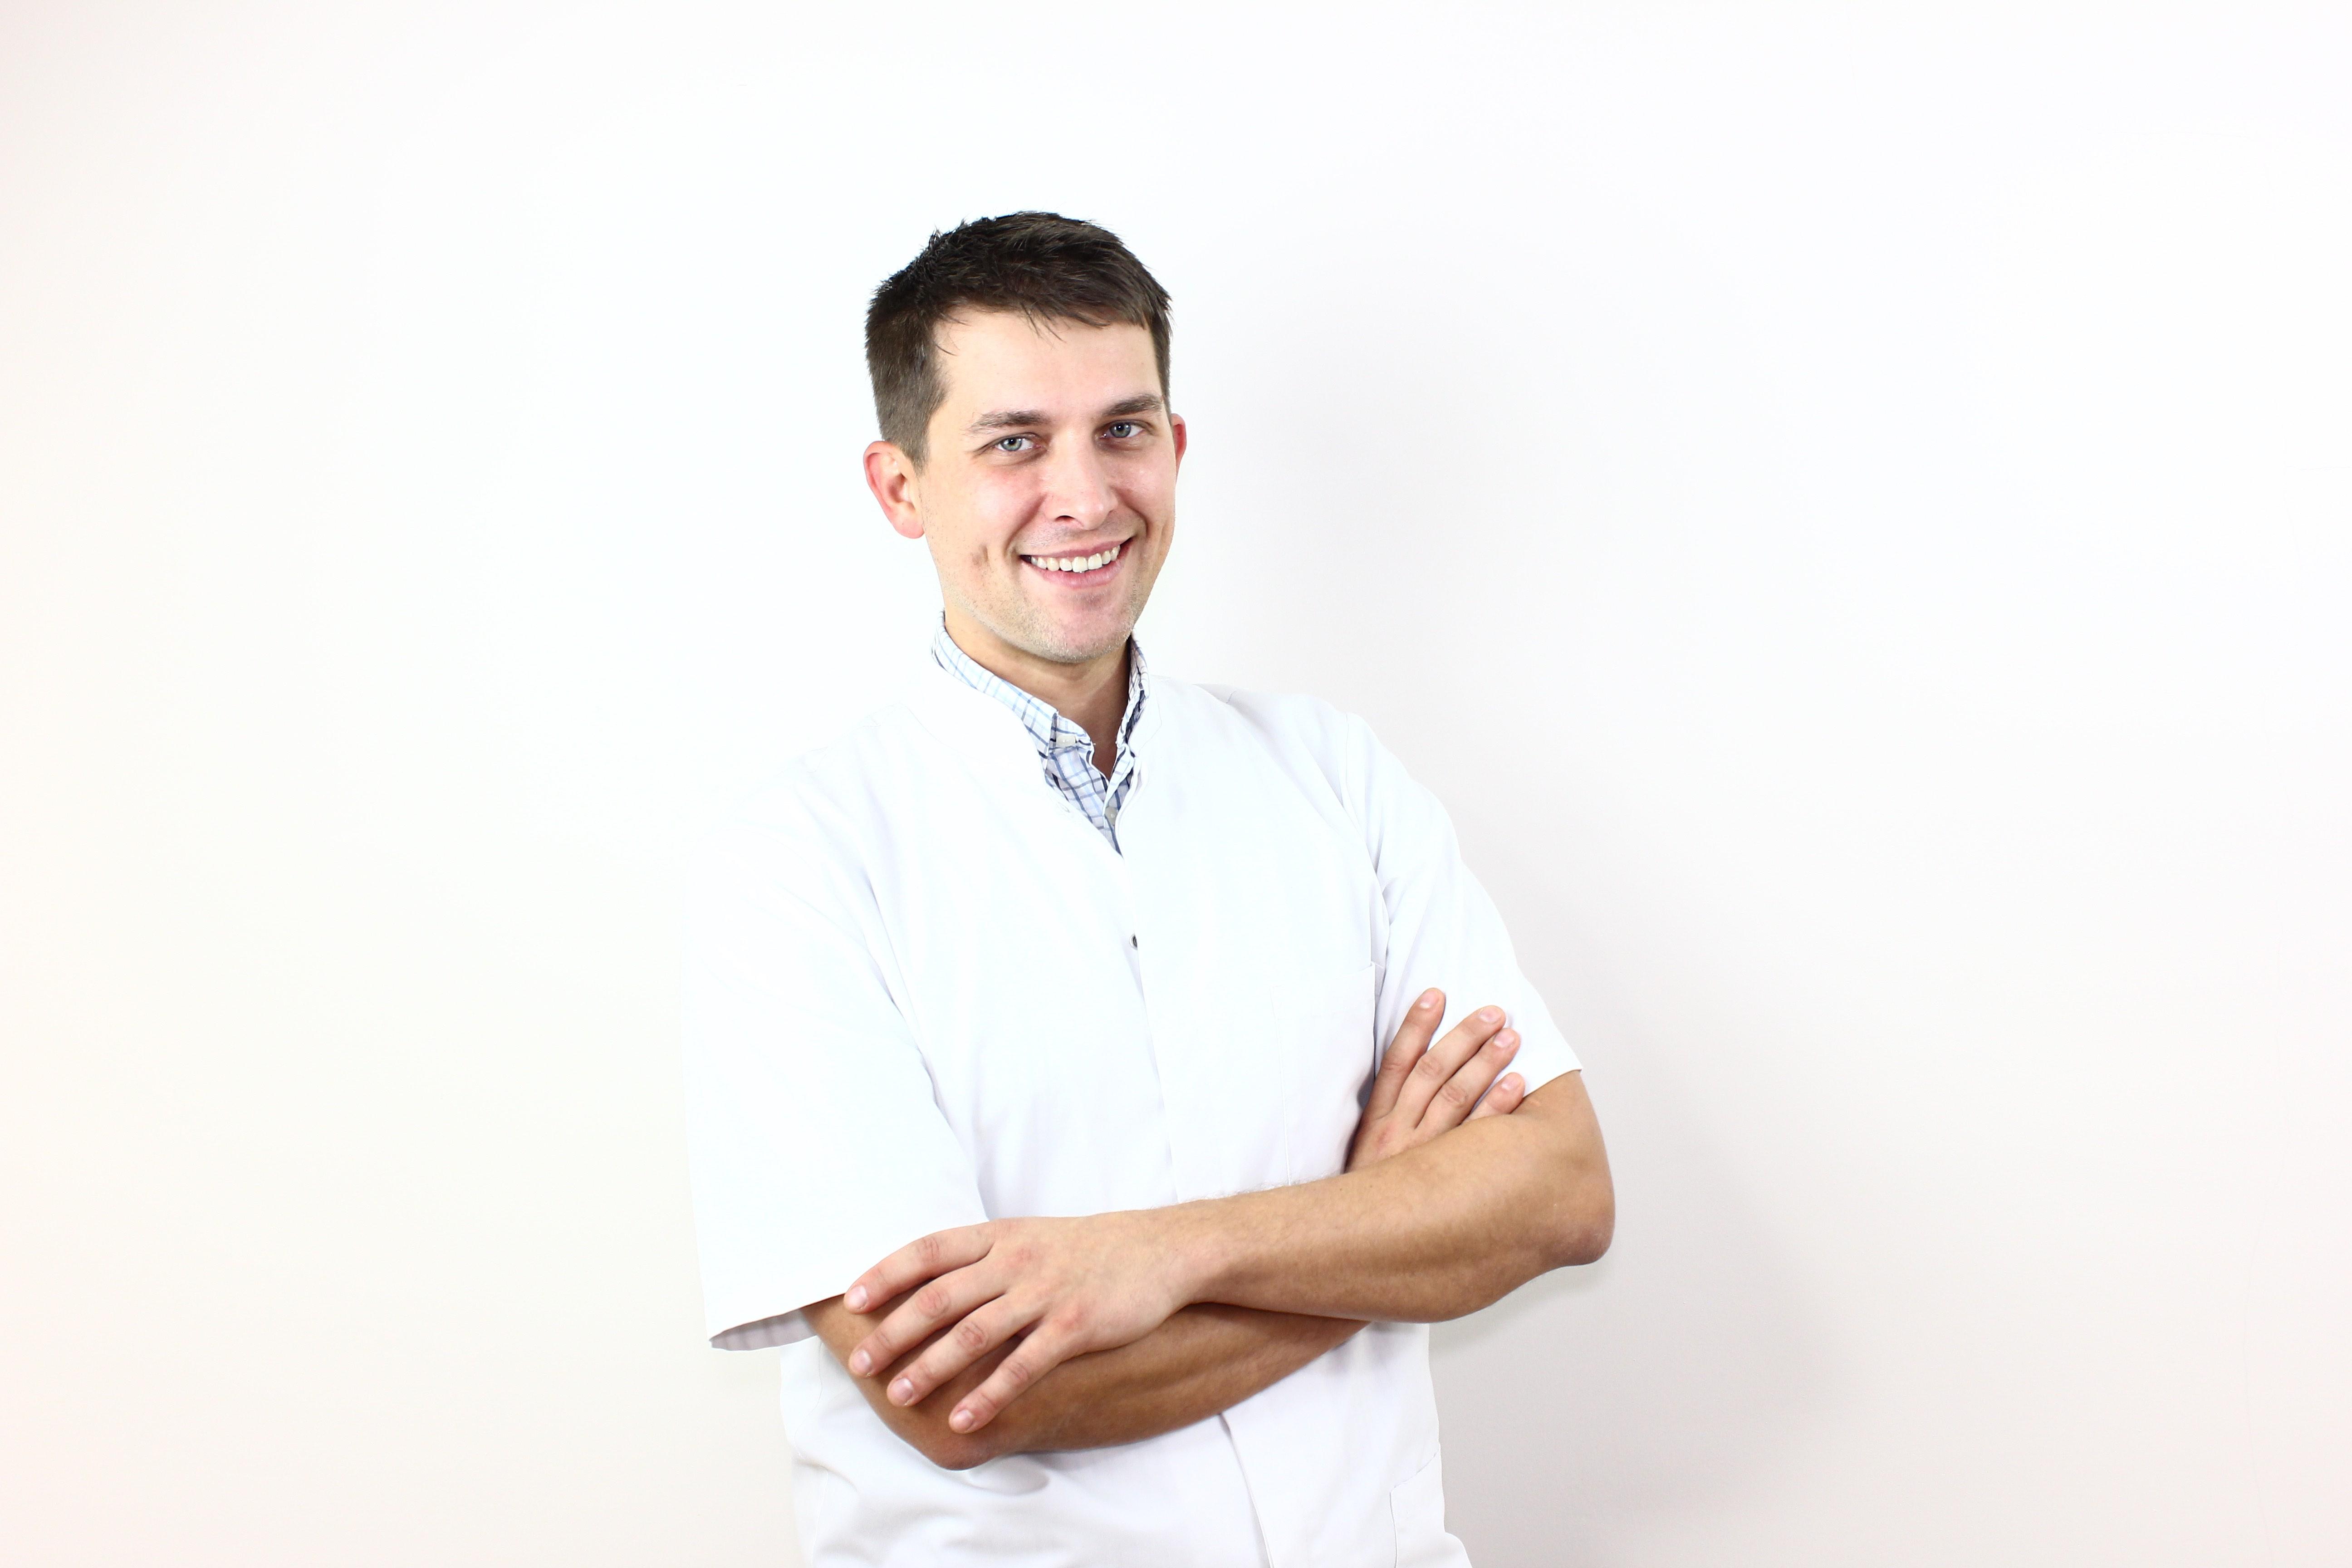 Tomasz Luczak